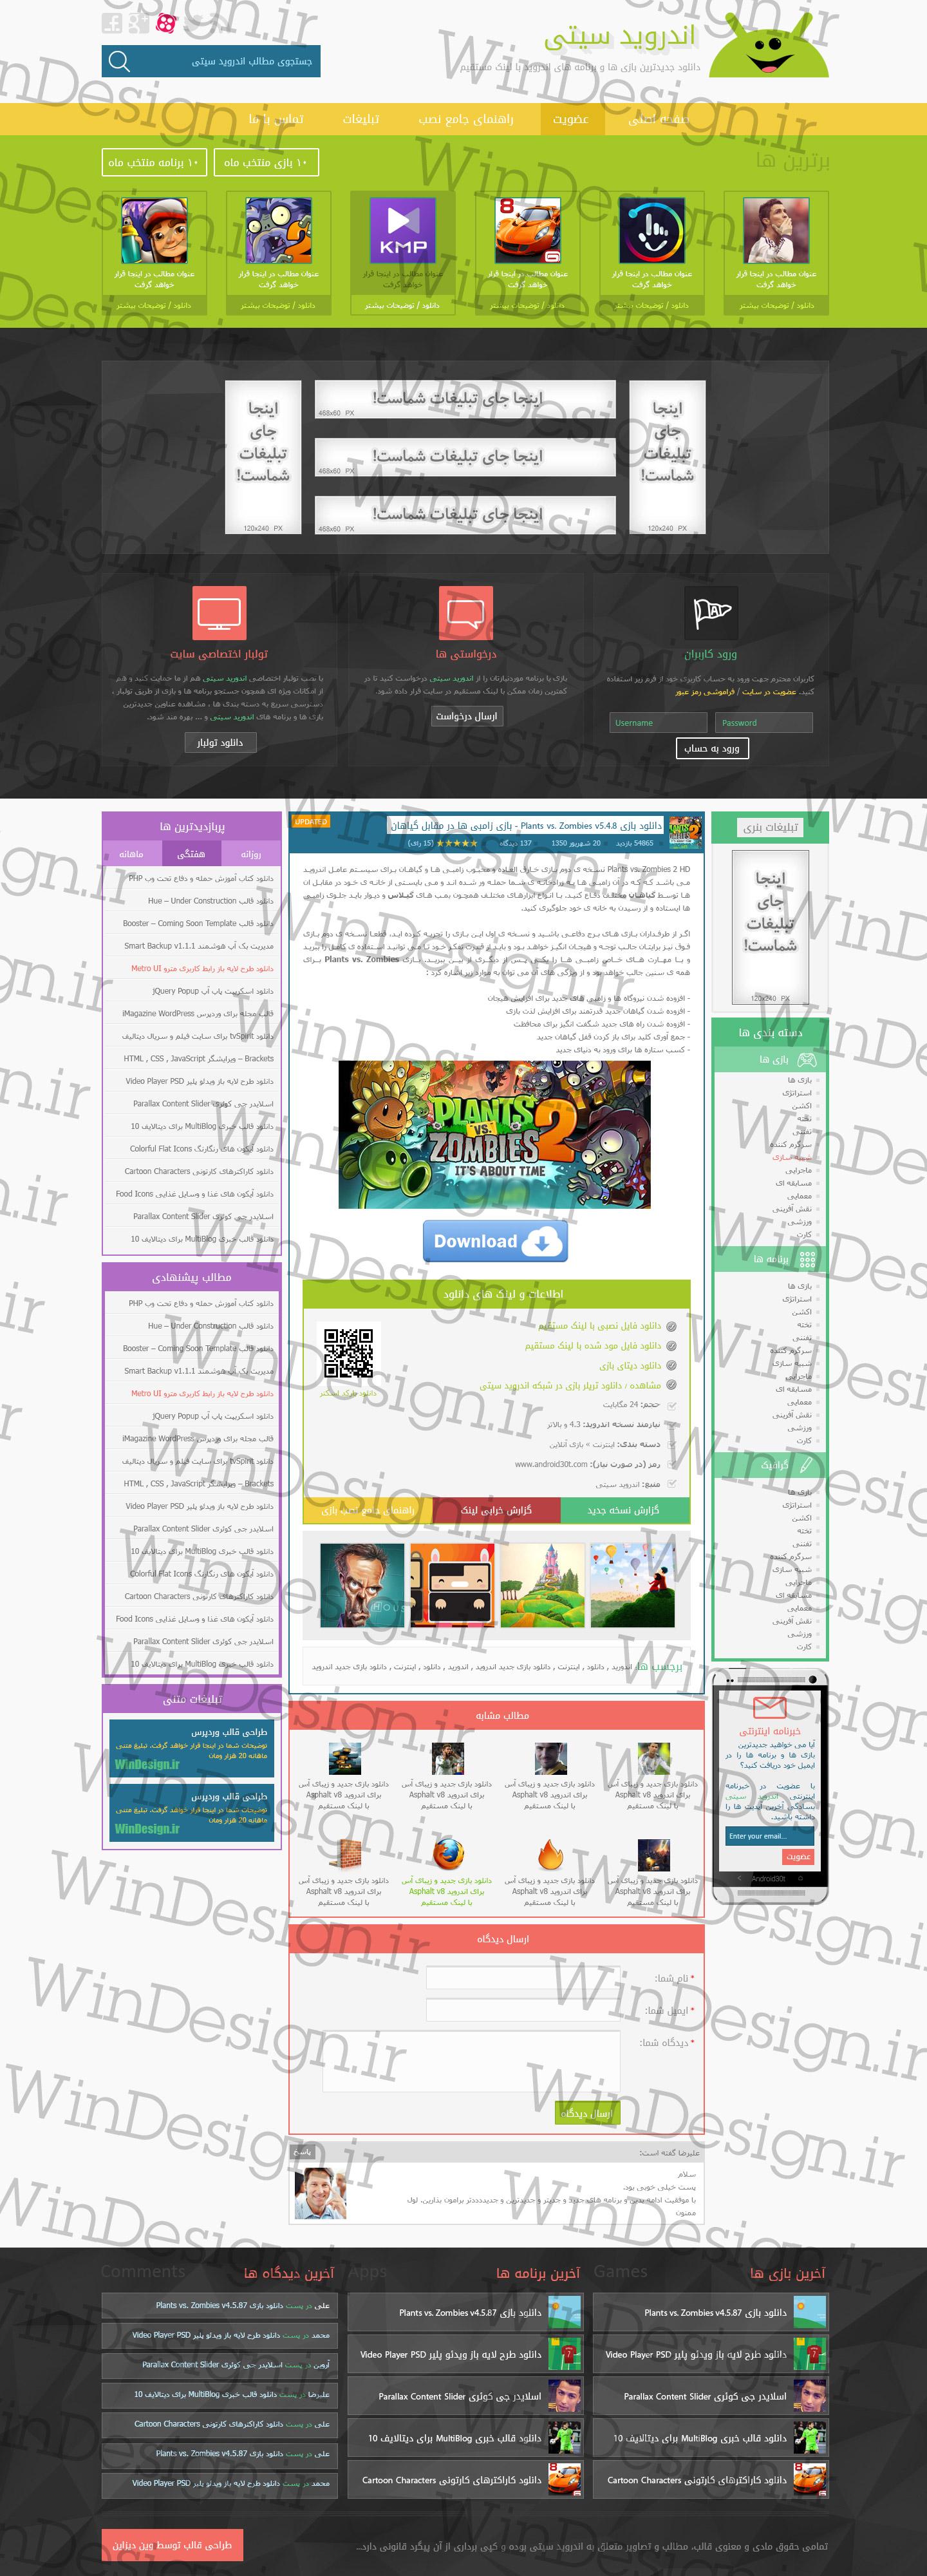 طراحی قالب سایت: اندروید سیتی | دانلود بازی اندروید | نرم افزار ...... پیش نمایش قالب اندروید سیتی | دانلود بازی اندروید | نرم افزار اندروید